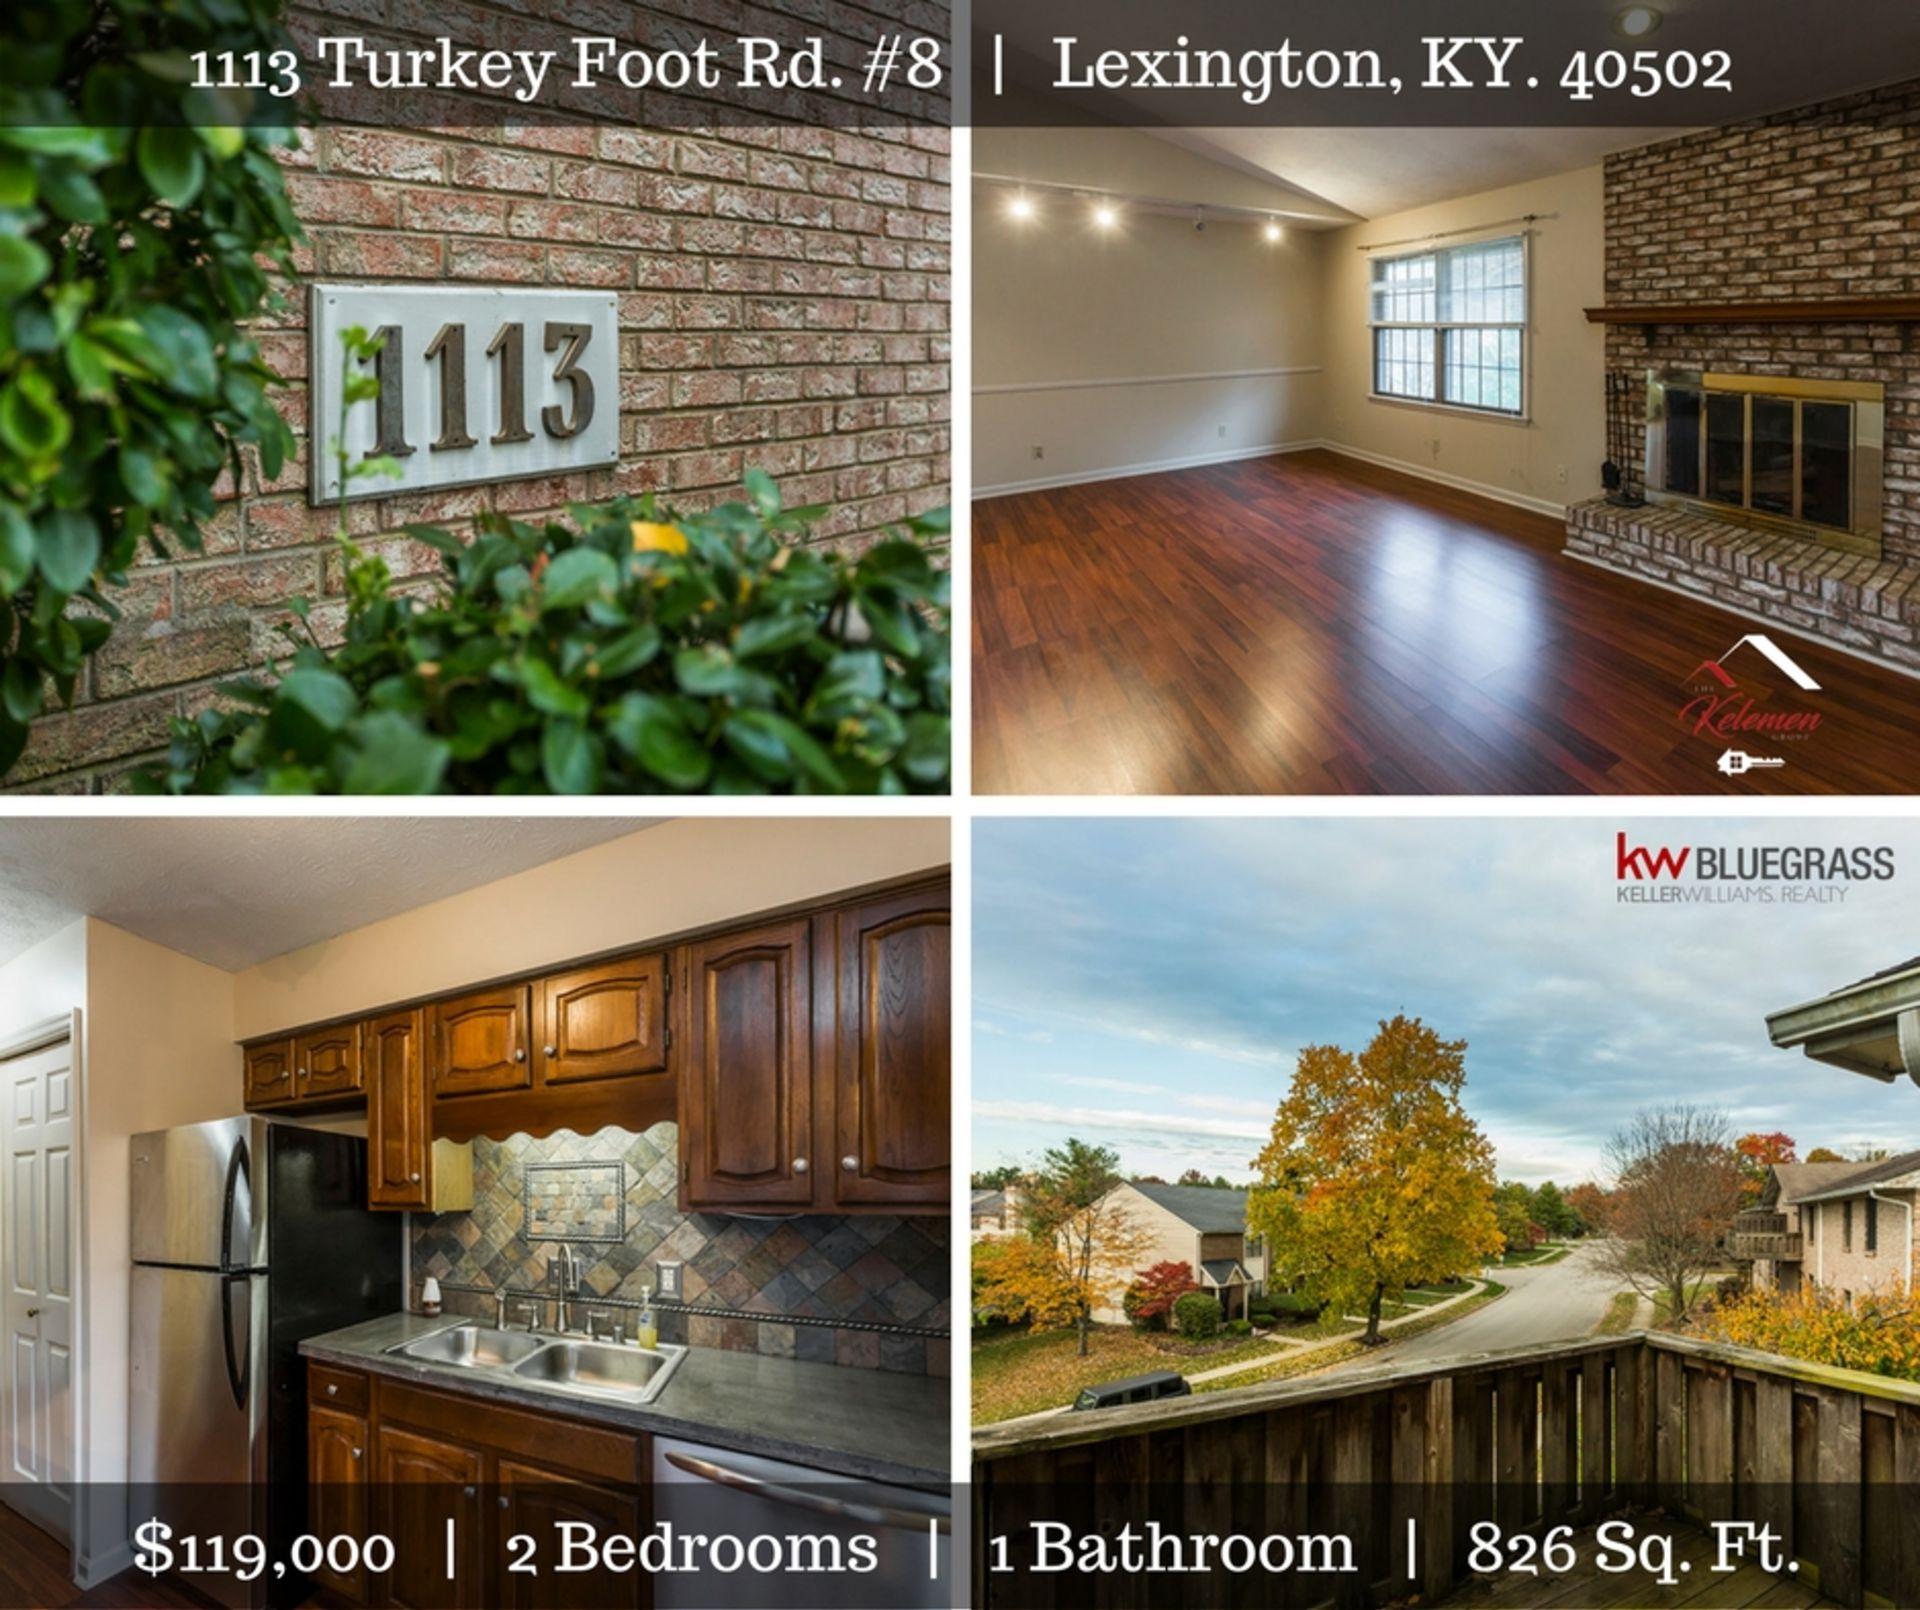 1113 Turkey Foot Rd #8 | Lexington, KY  | $119,000